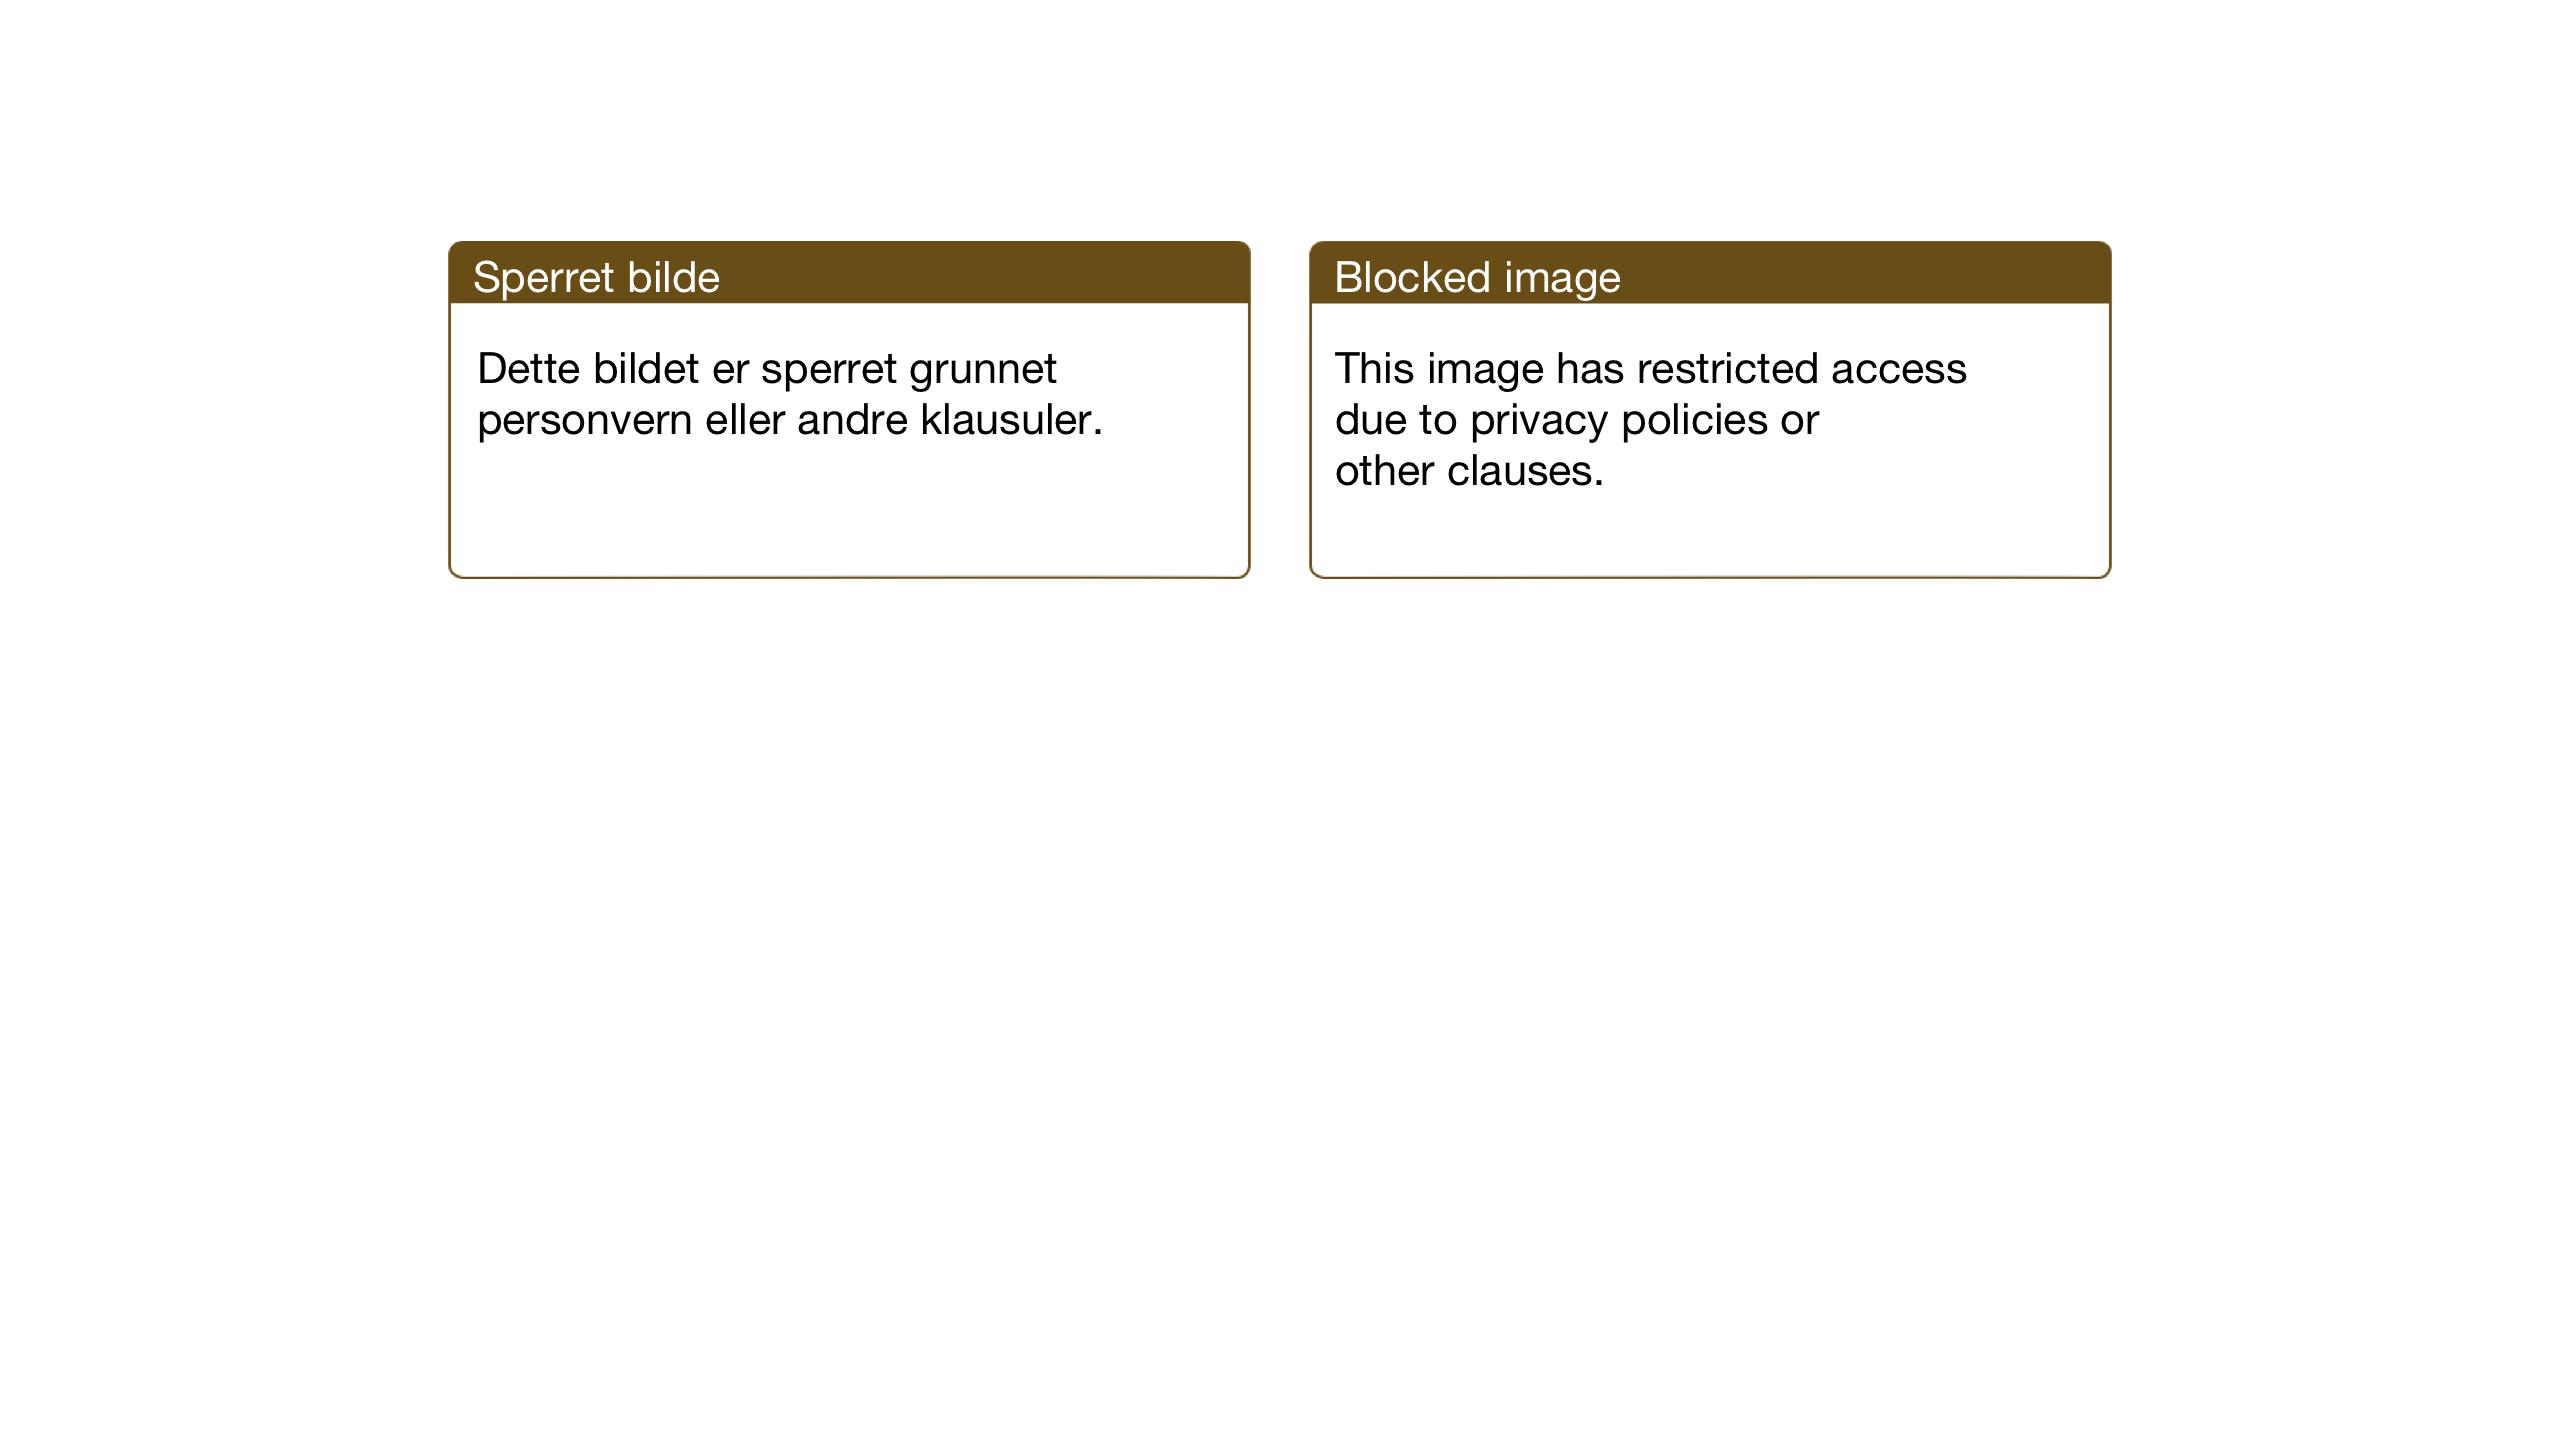 SAT, Ministerialprotokoller, klokkerbøker og fødselsregistre - Sør-Trøndelag, 657/L0718: Klokkerbok nr. 657C05, 1923-1948, s. 305